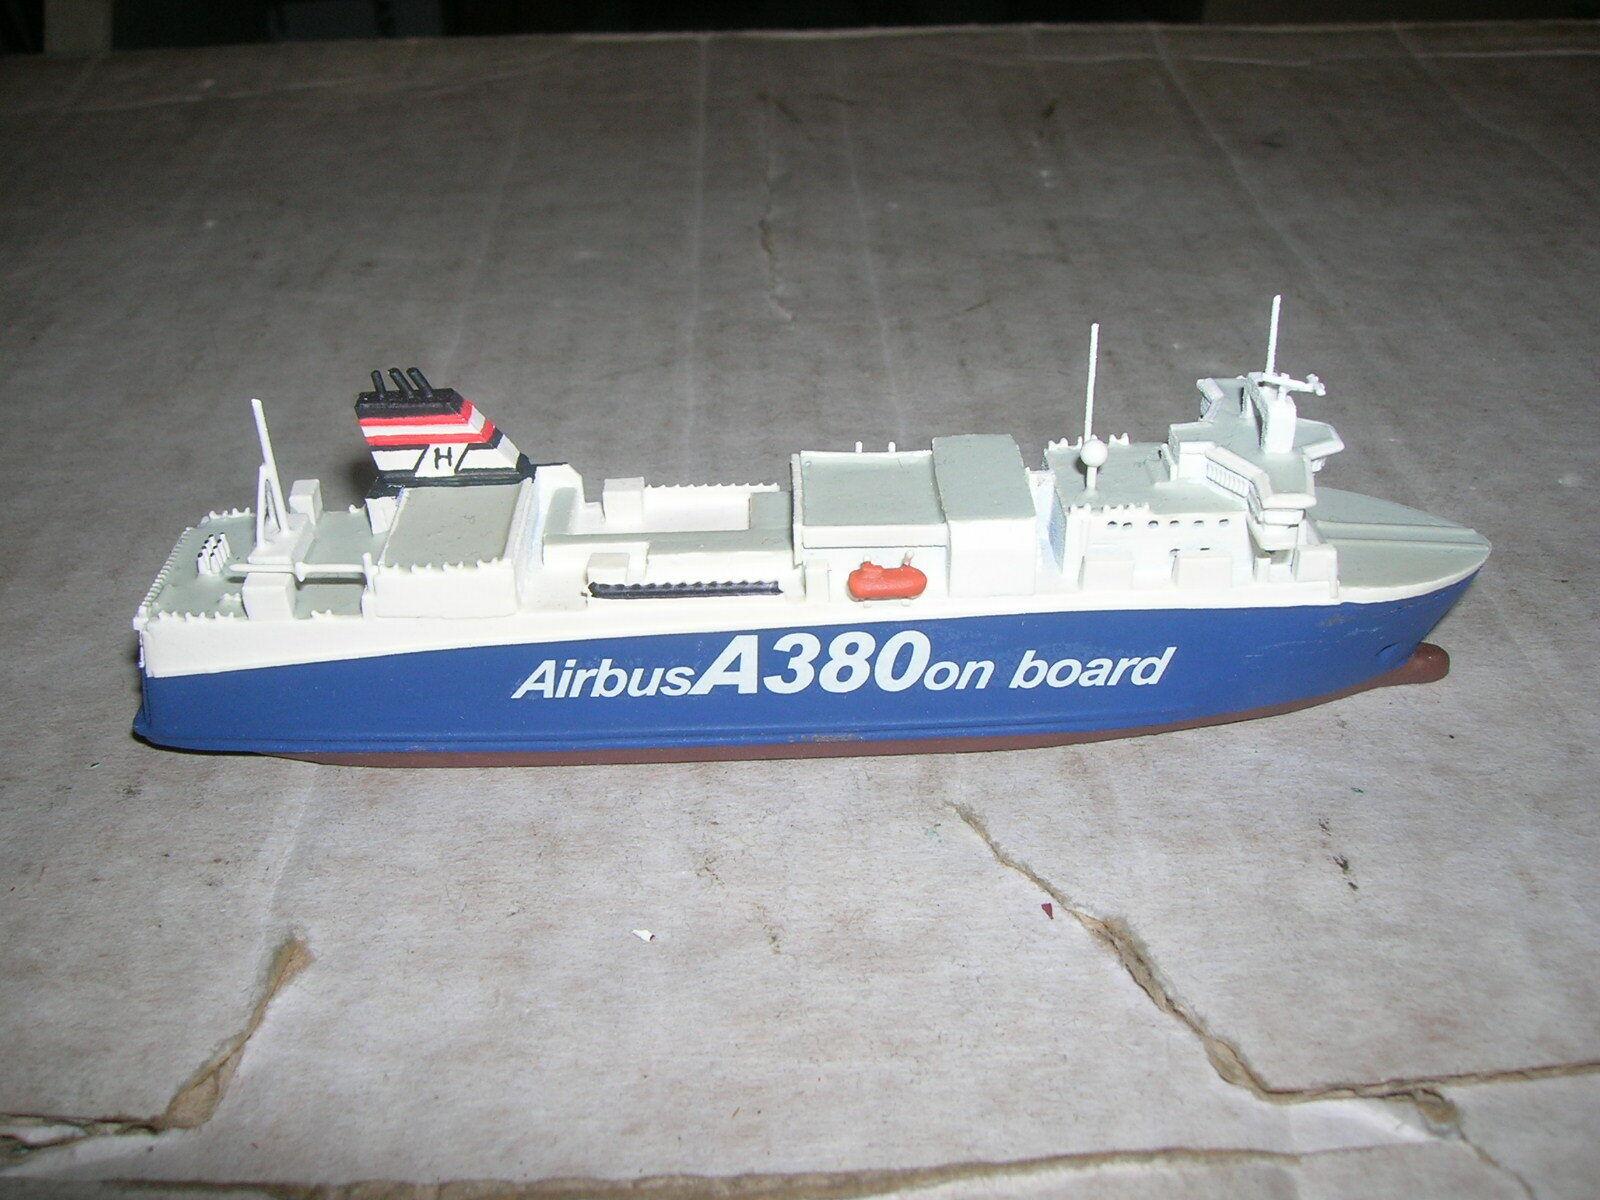 Hydra Modèle Bateau hy-71 spécial bateau  AIRBUS on board  1 1250